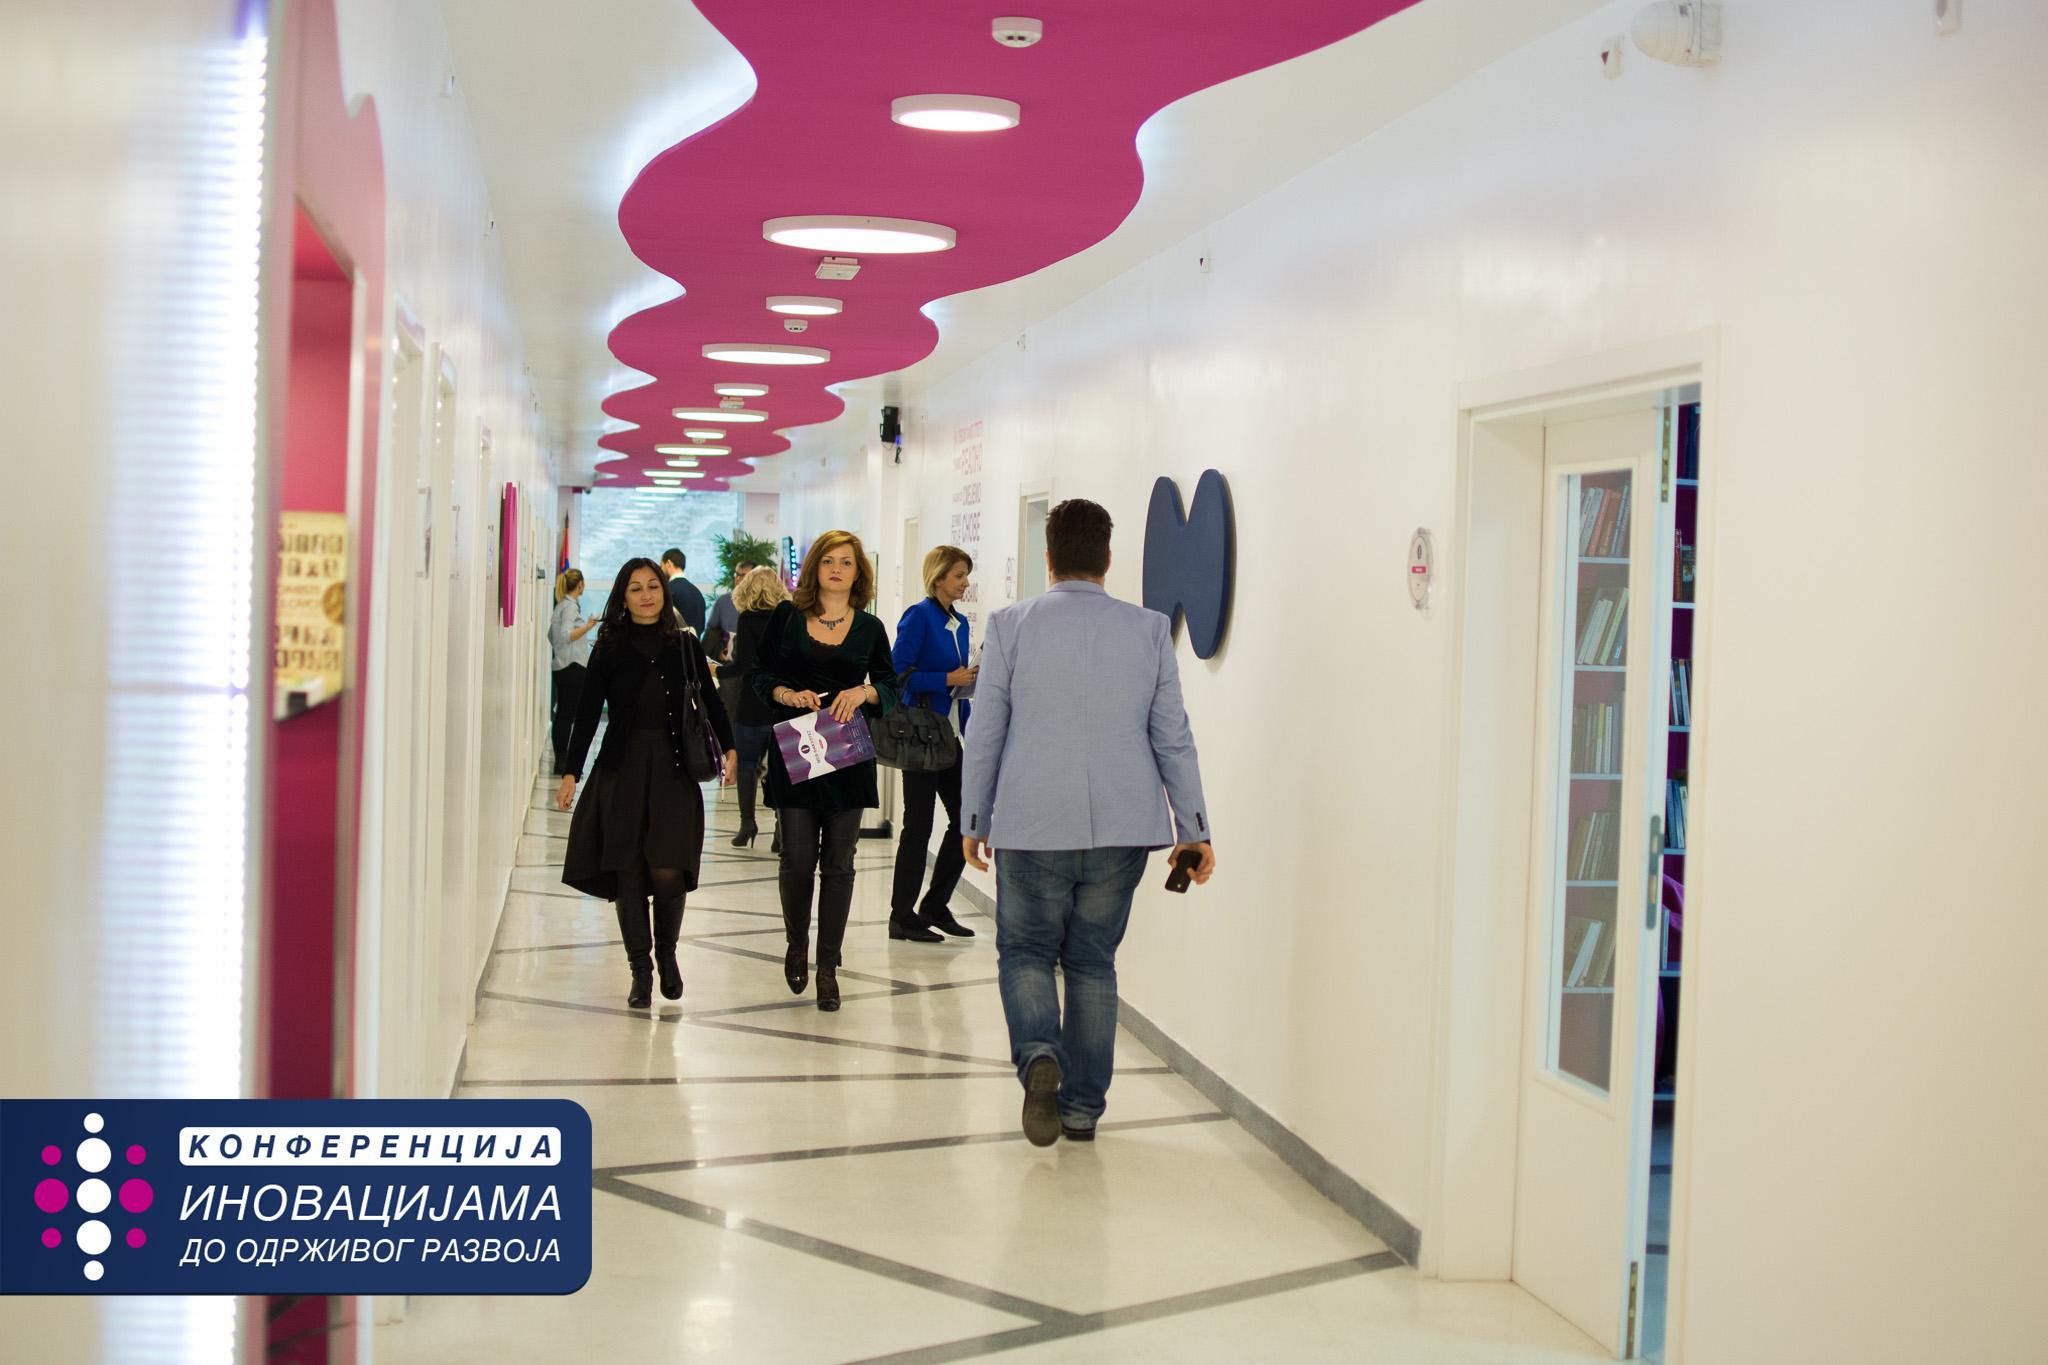 MEF Fakultet - izvestaj sa konferencije 46